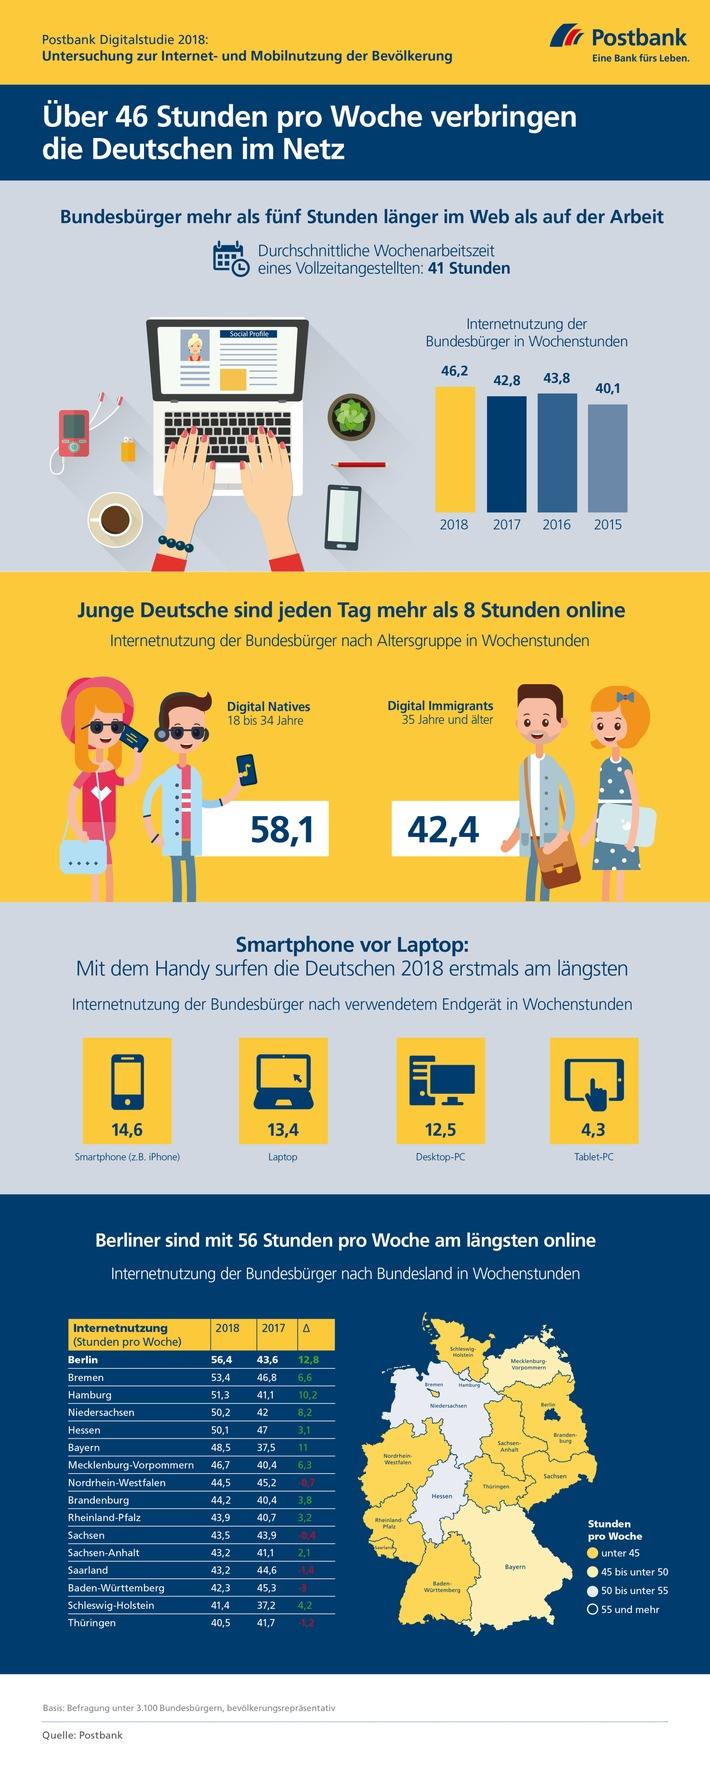 Bundesbürger im Schnitt 46,2 Stunden pro Woche online